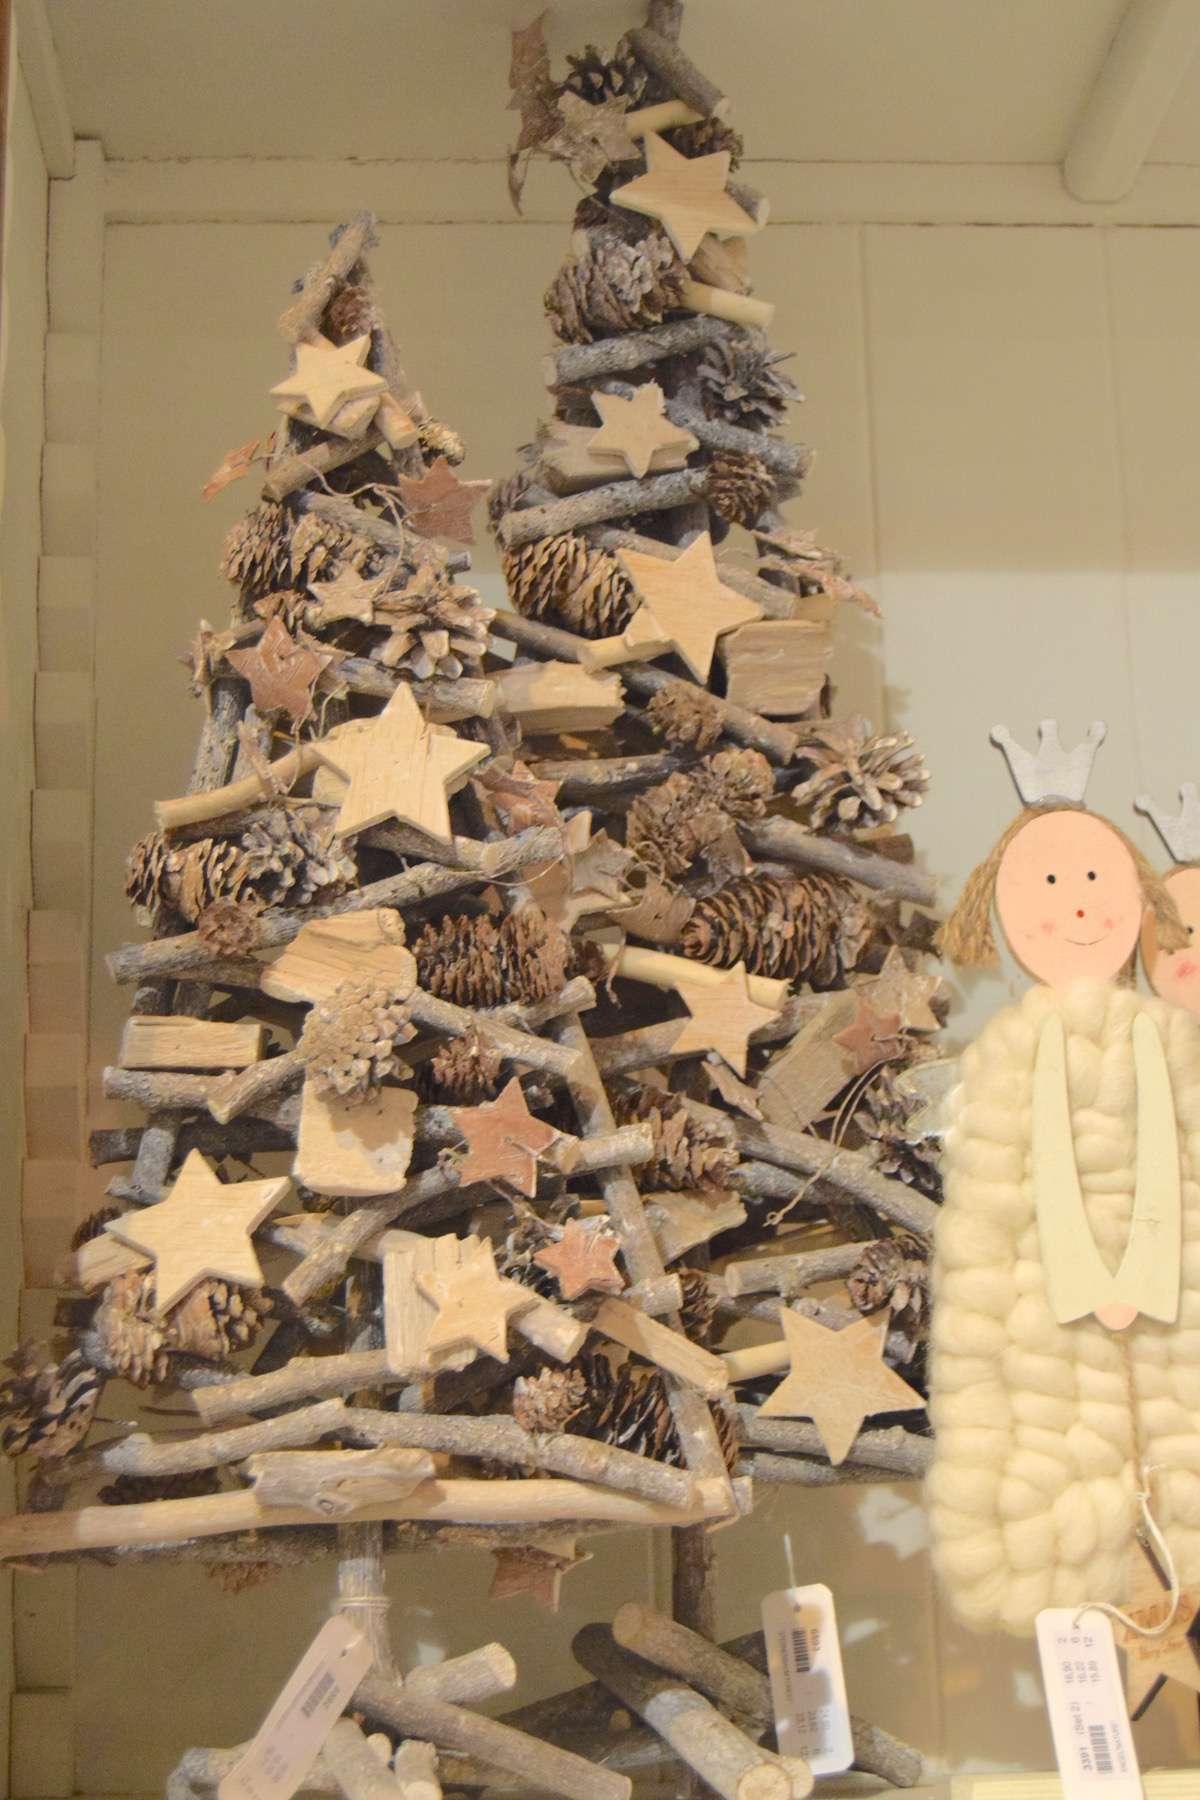 """22-original-Christmas-trees """"width ="""" 1200 """"height ="""" 1800 """"srcset ="""" https://navidad.es/wp-content/uploads/2009/12/22-arboles-de-navidad-originales .jpg 1200w, https://navidad.es/wp-content/uploads/2009/12/22-arboles-de-navidad-originales-200x300.jpg 200w, https://navidad.es/wp-content/uploads /2009/12/22-arboles-de-navidad-originales-768x1152.jpg 768w, https://navidad.es/wp-content/uploads/2009/12/22-arboles-de-navidad-originales-683x1024. jpg 683w, https://navidad.es/wp-content/uploads/2009/12/22-arboles-de-navidad-originales-696x1044.jpg 696w, https://navidad.es/wp-content/uploads/ 2009/12/22-original-Christmas-trees-1068x1602.jpg 1068w, https://navidad.es/wp-content/uploads/2009/12/22-arboles-de-navidad-originales-280x420.jpg 280w """"tailles ="""" (largeur maximale: 1200px) 100vw, 1200px """"/></p> <p>Ceci est une autre proposition très similaire, mais avec une finition argentée et blanche dans les éléments.</p> <p><img class="""